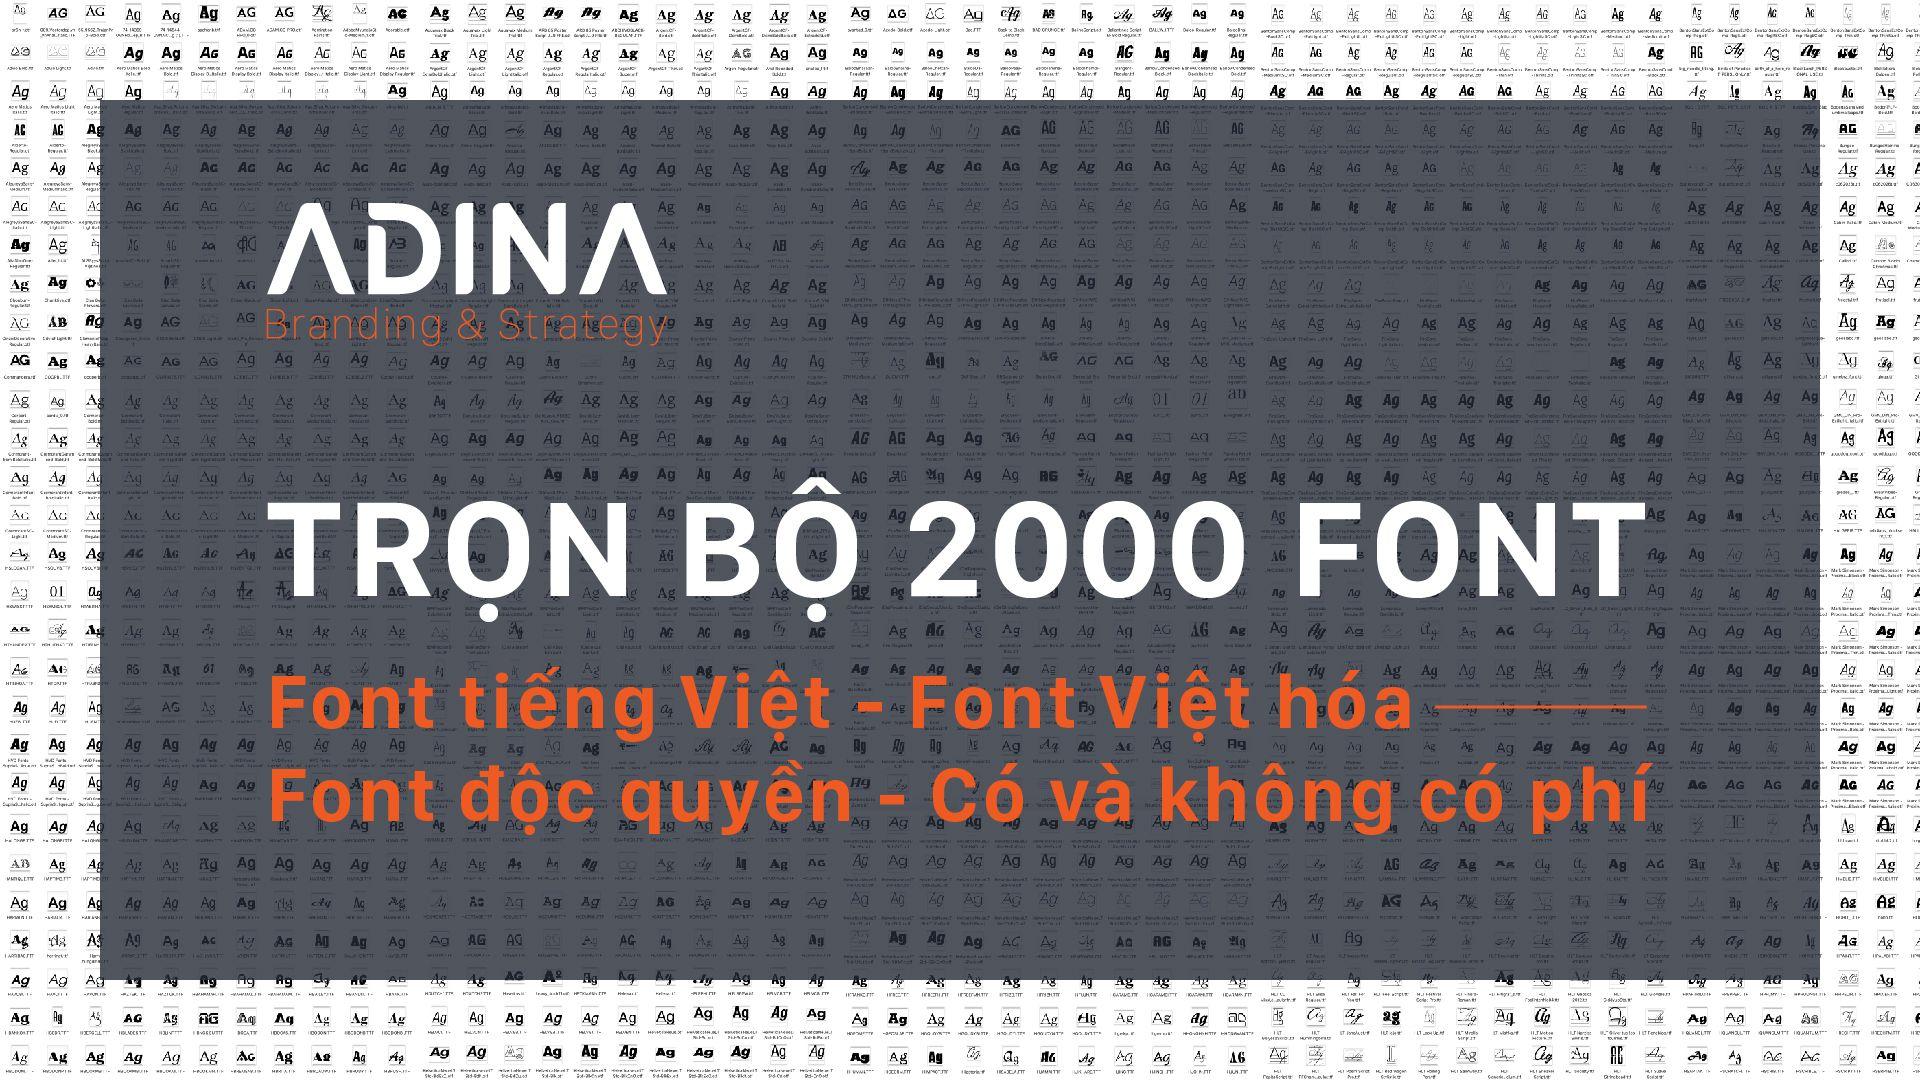 Trọn bộ sưu tập 2000+ font thiết kế chuyên nghiệp